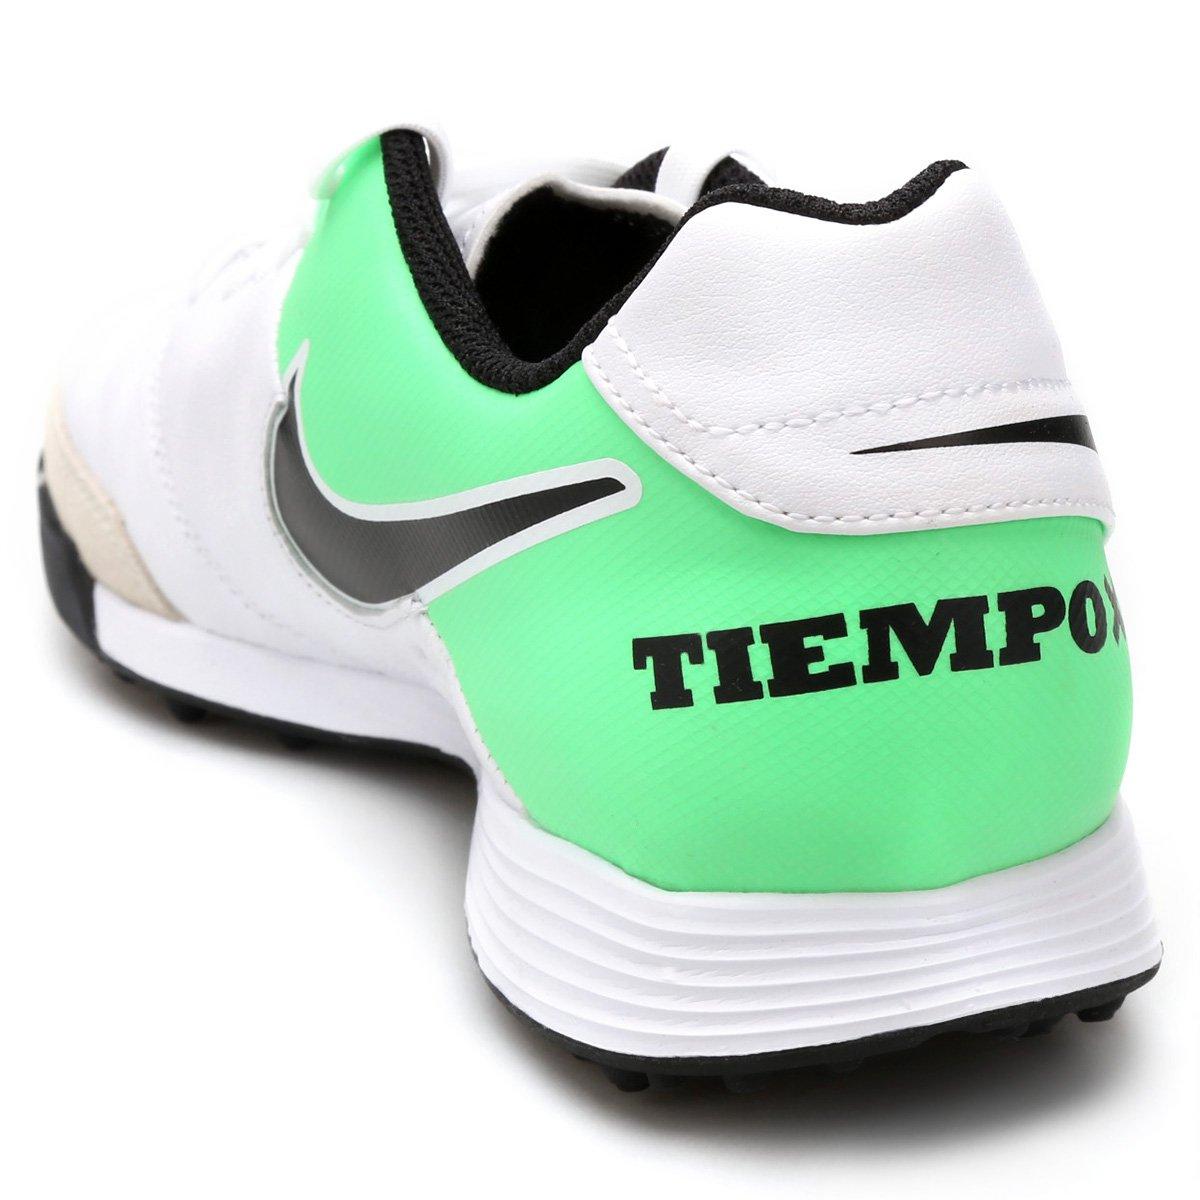 3f305ec378 ... e Leather 2 Nike Society Branco TF Tiempo Chuteira Masculina Verde Genio  x1zUTXq ...